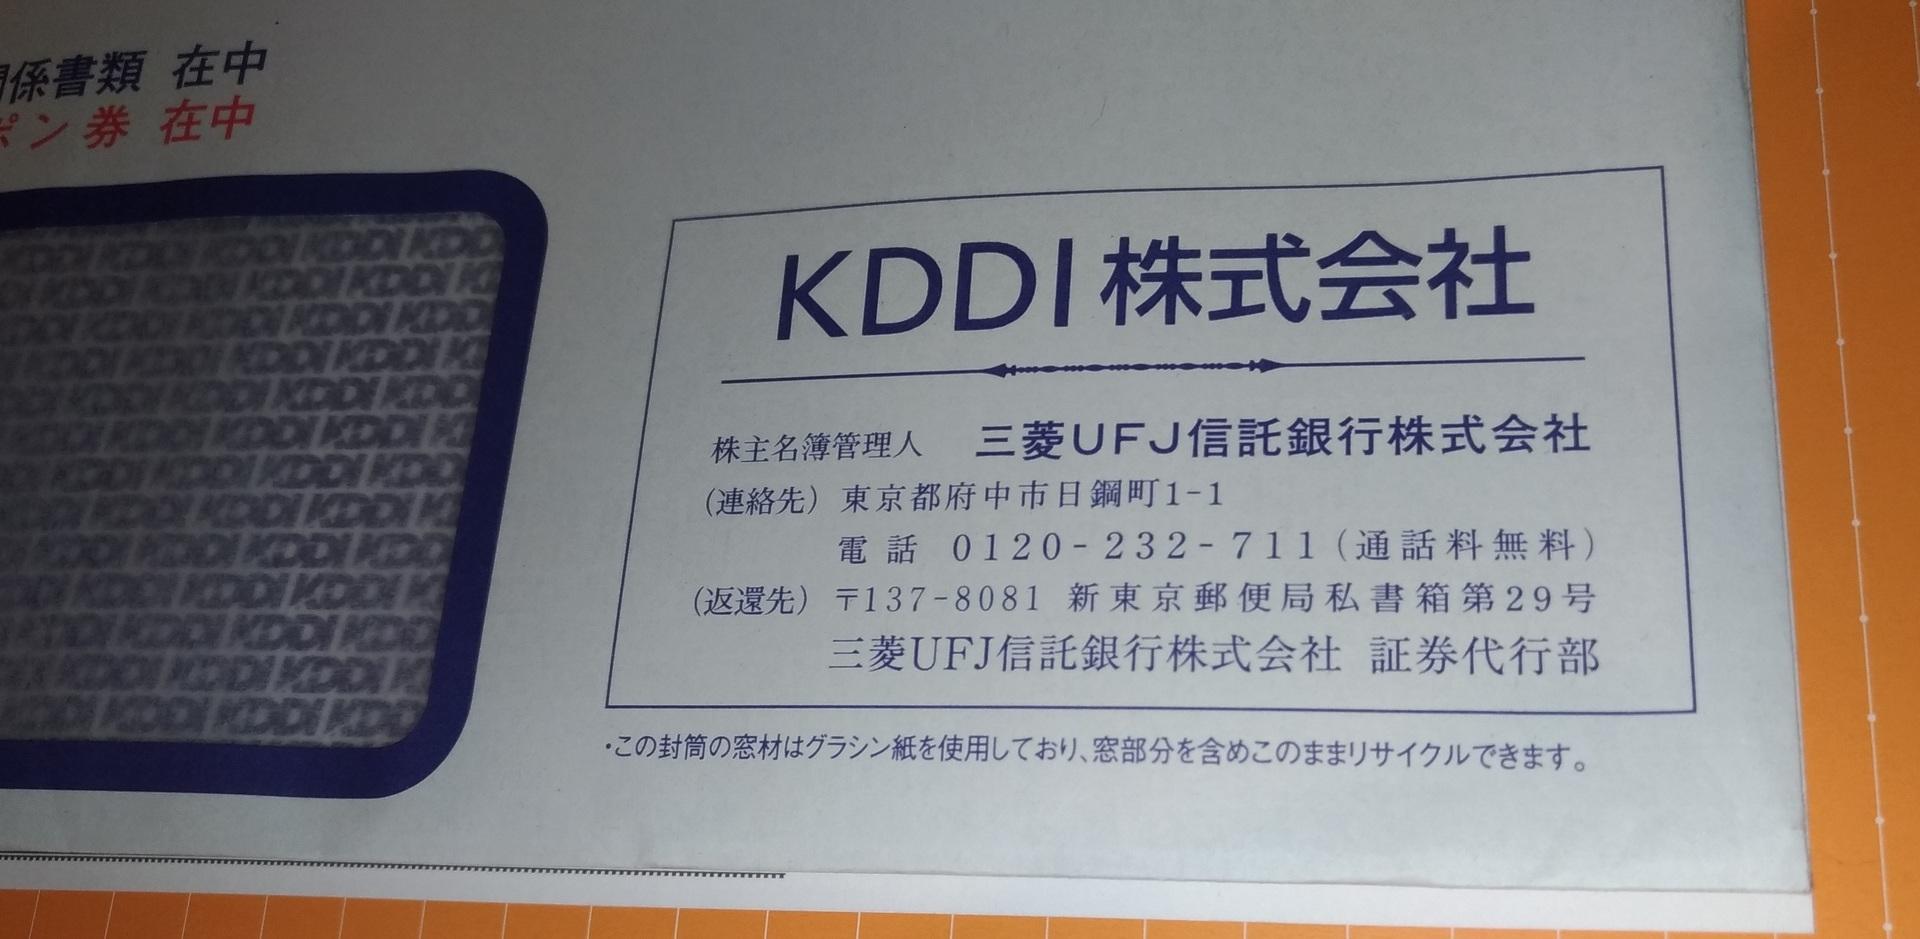 配当 確定 日 kddi